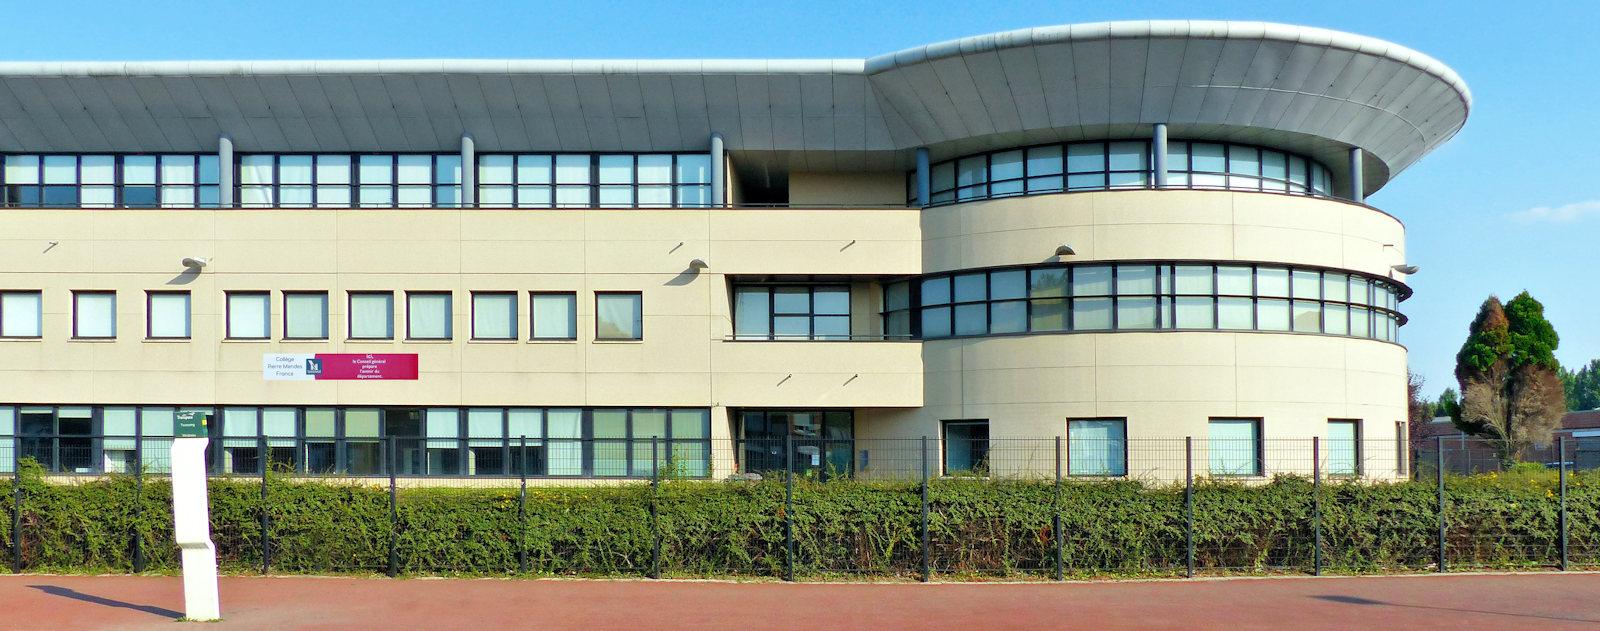 Collège Mendès France, Tourcoing - Rue de Soissons.